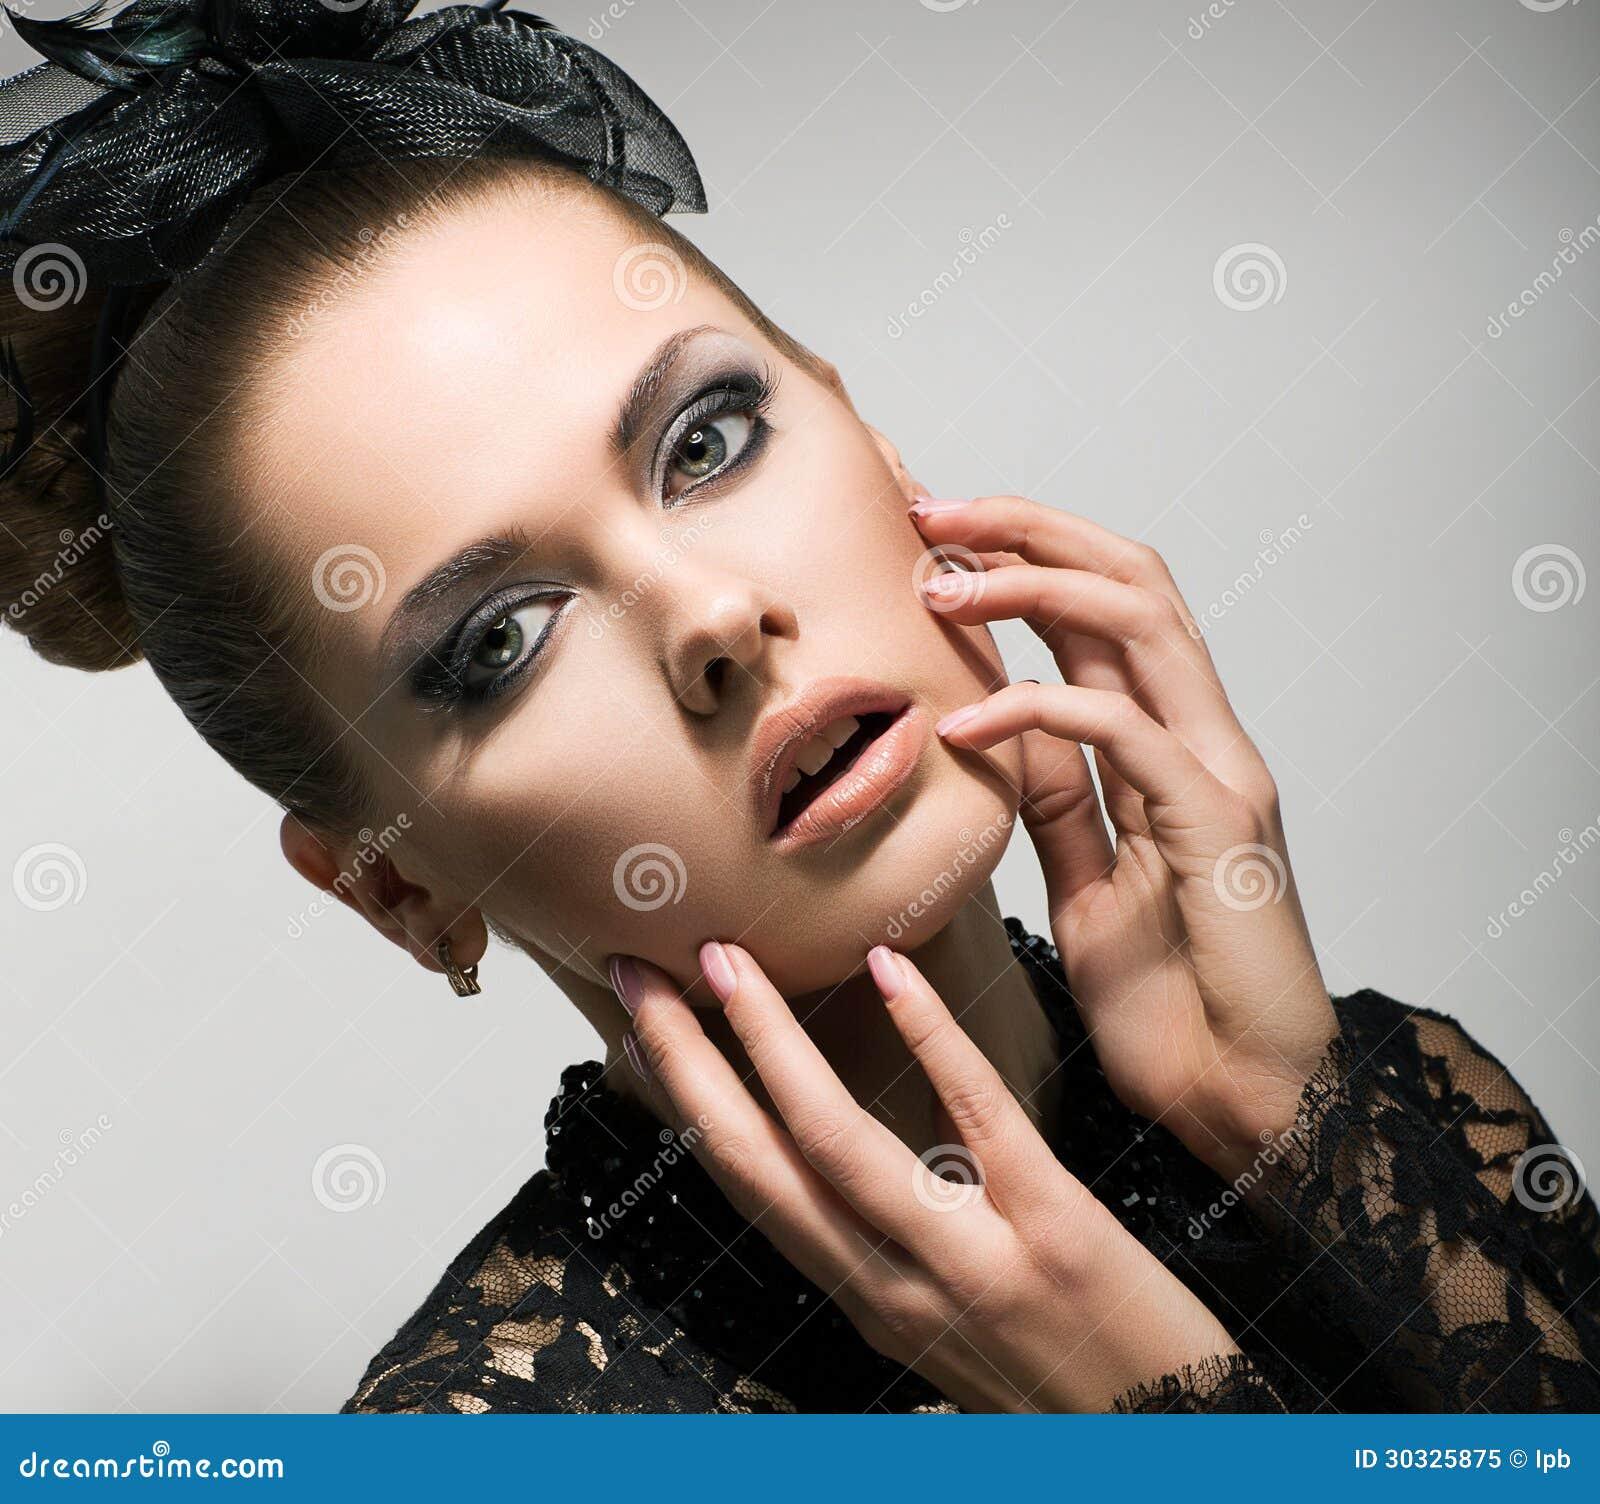 表示。惊讶。可爱的惊奇的妇女的面孔。情感